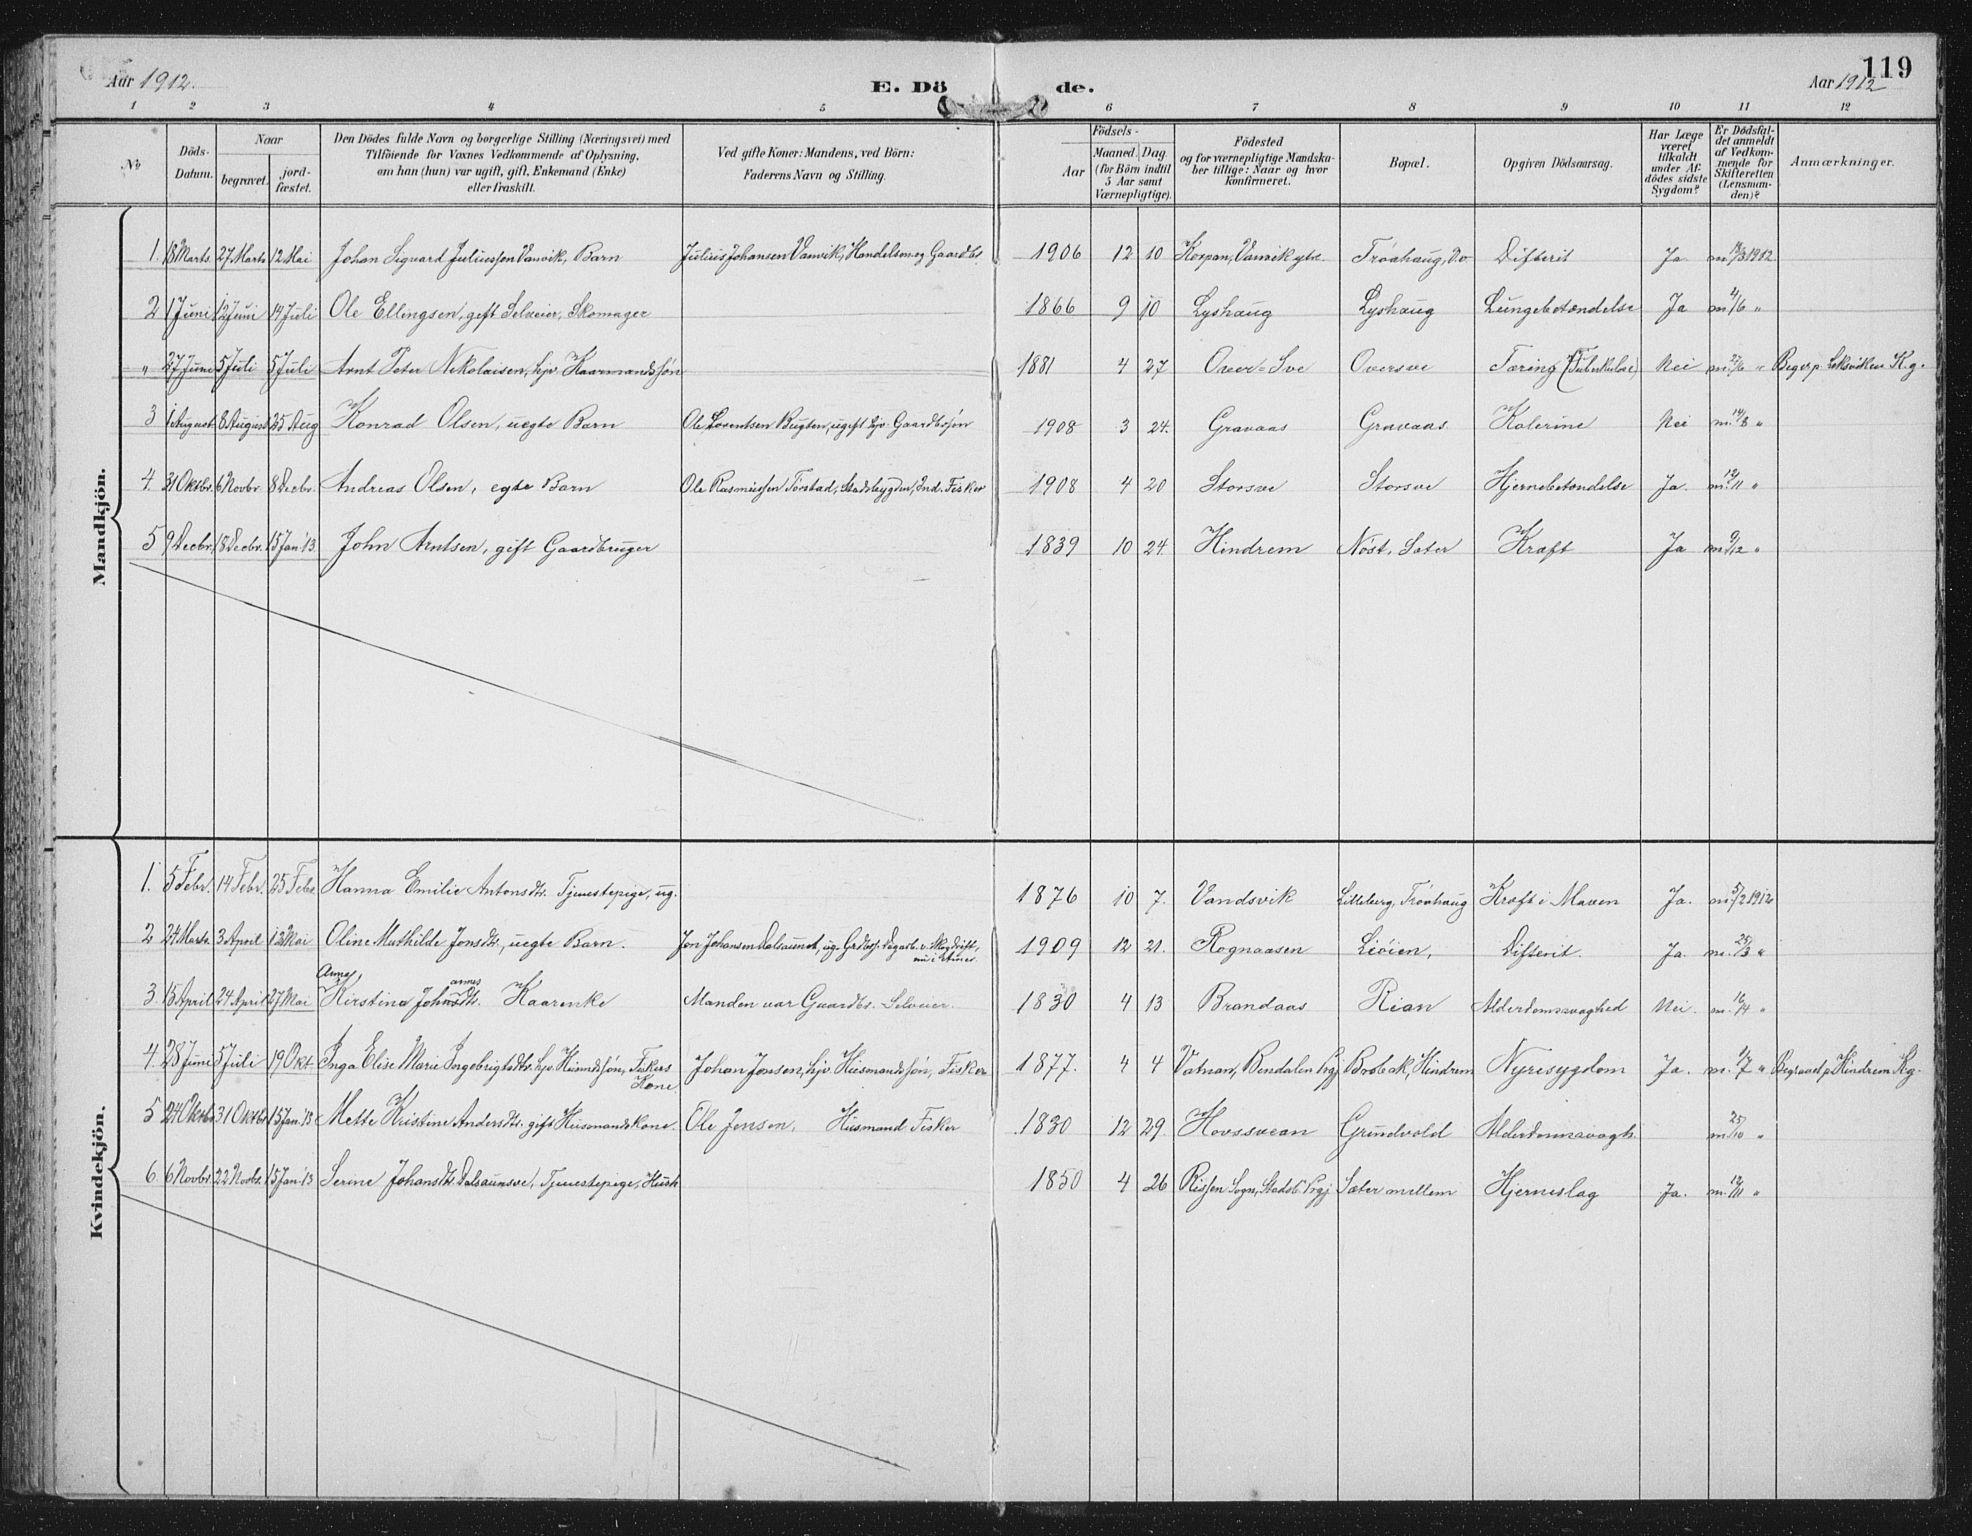 SAT, Ministerialprotokoller, klokkerbøker og fødselsregistre - Nord-Trøndelag, 702/L0024: Ministerialbok nr. 702A02, 1898-1914, s. 119